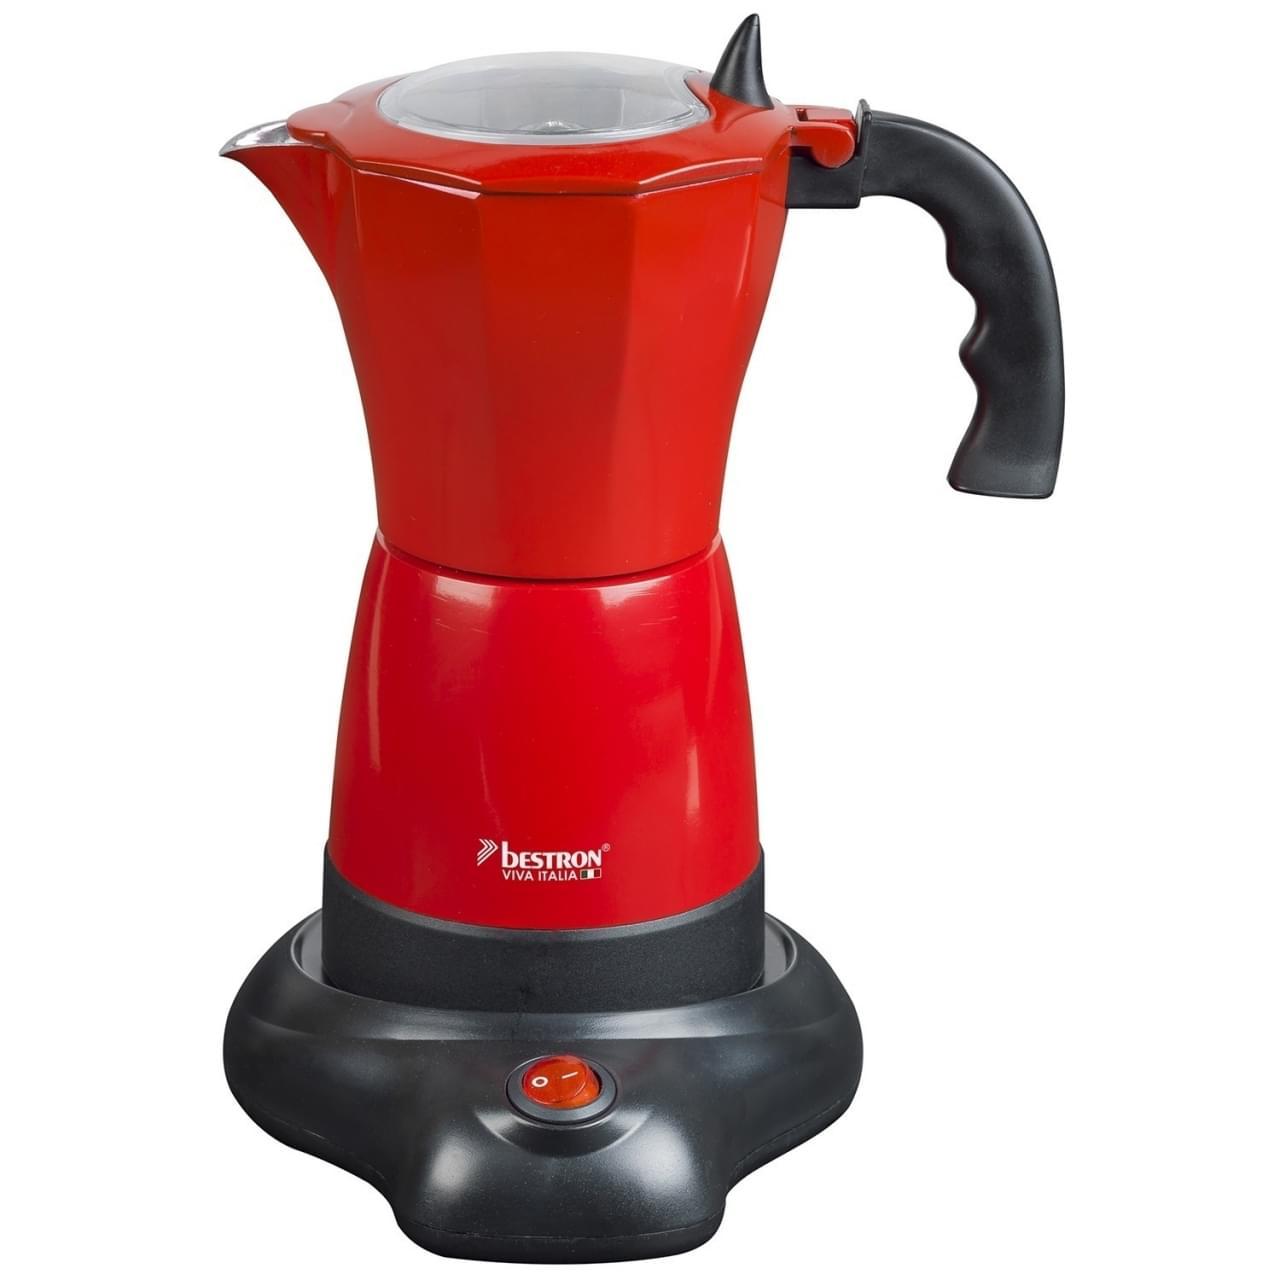 Bestron Elektrische espressomaker Rood